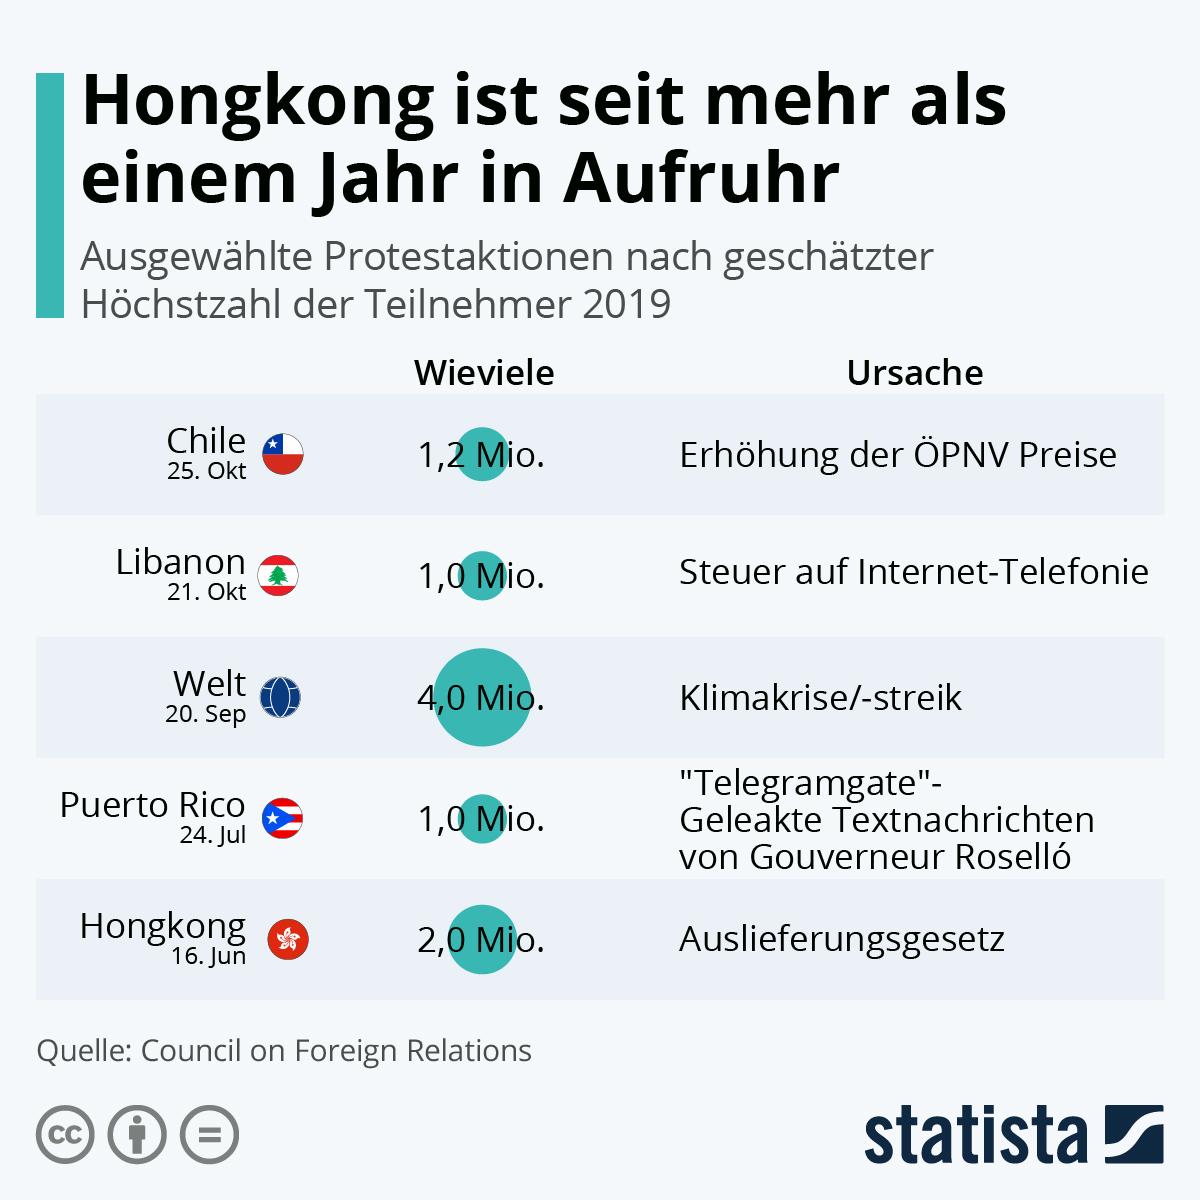 Infografik: Hongkong ist seit einem Jahr in Aufruhr | Statista